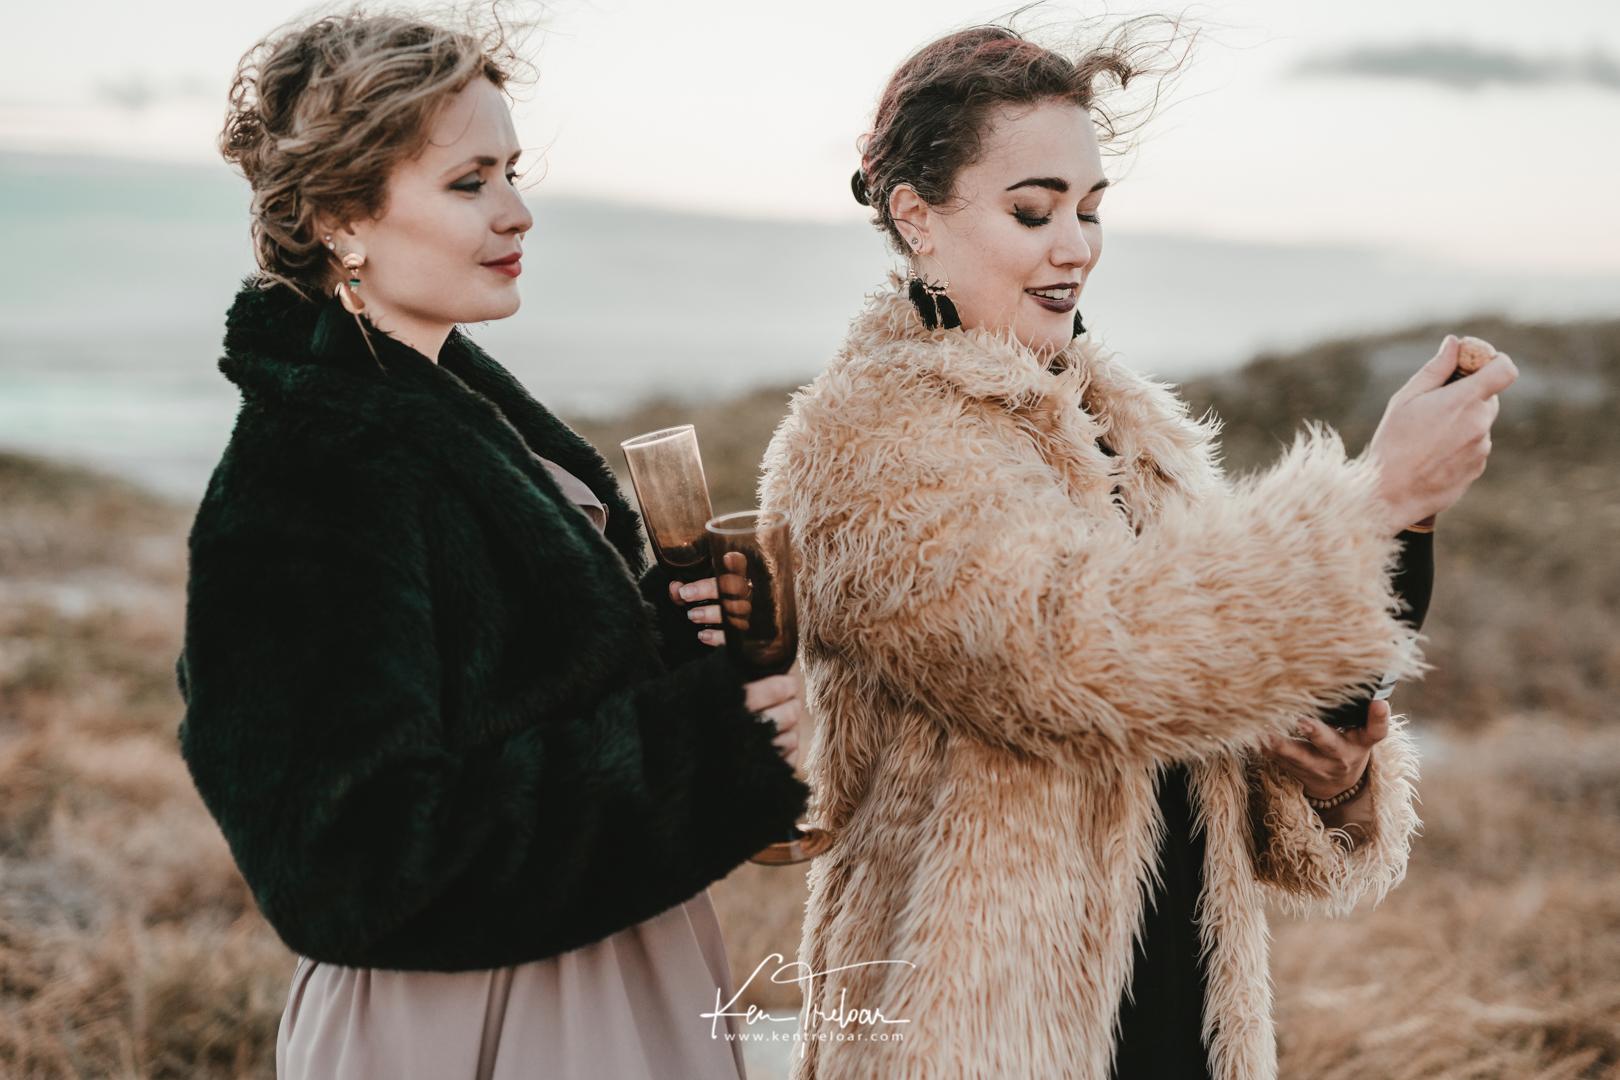 Ken Treloar Photography - Styled Best Friends photoshoot Cape Town B2-27.jpg